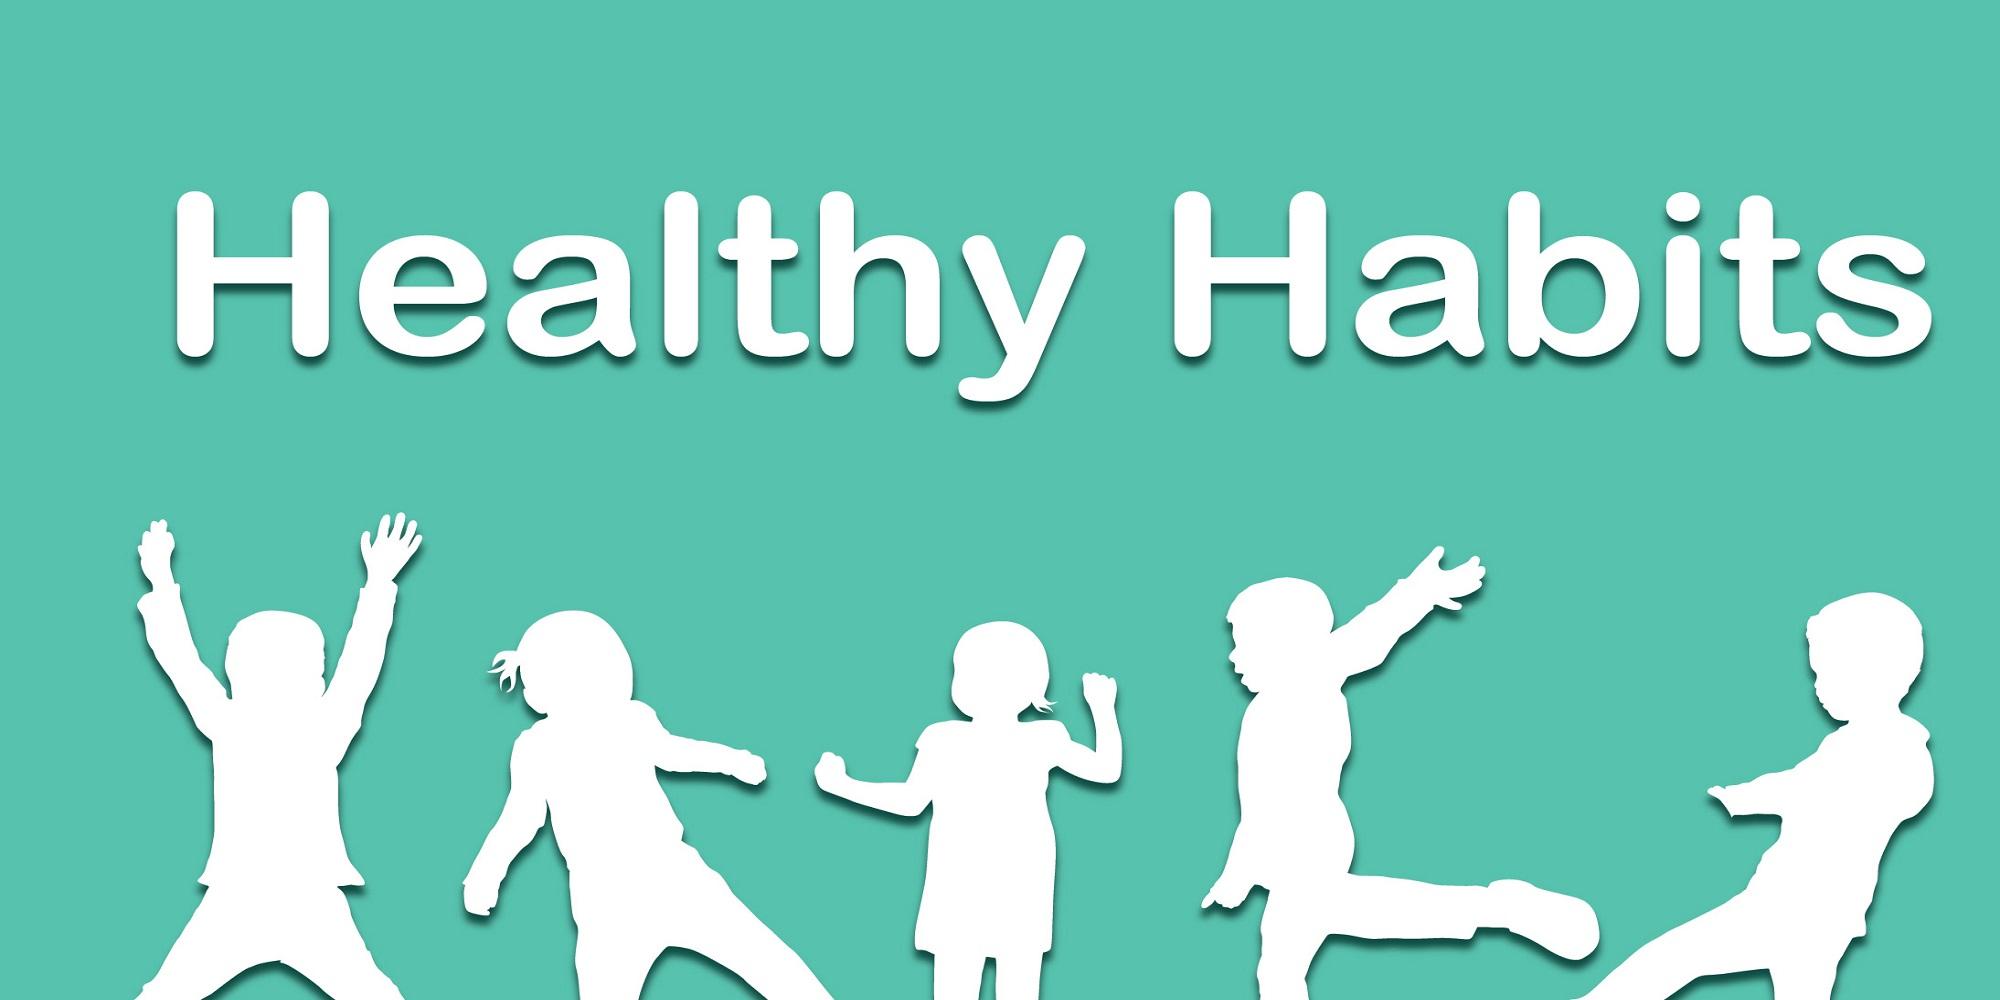 Good Health Habits in Your Children, Buy Medicine Online, Online Pharmacy Noida, Online Medicines, Buy Medicine Online Noida, Nearby Pharmacy, Purchase Medicine Online, GoMedii